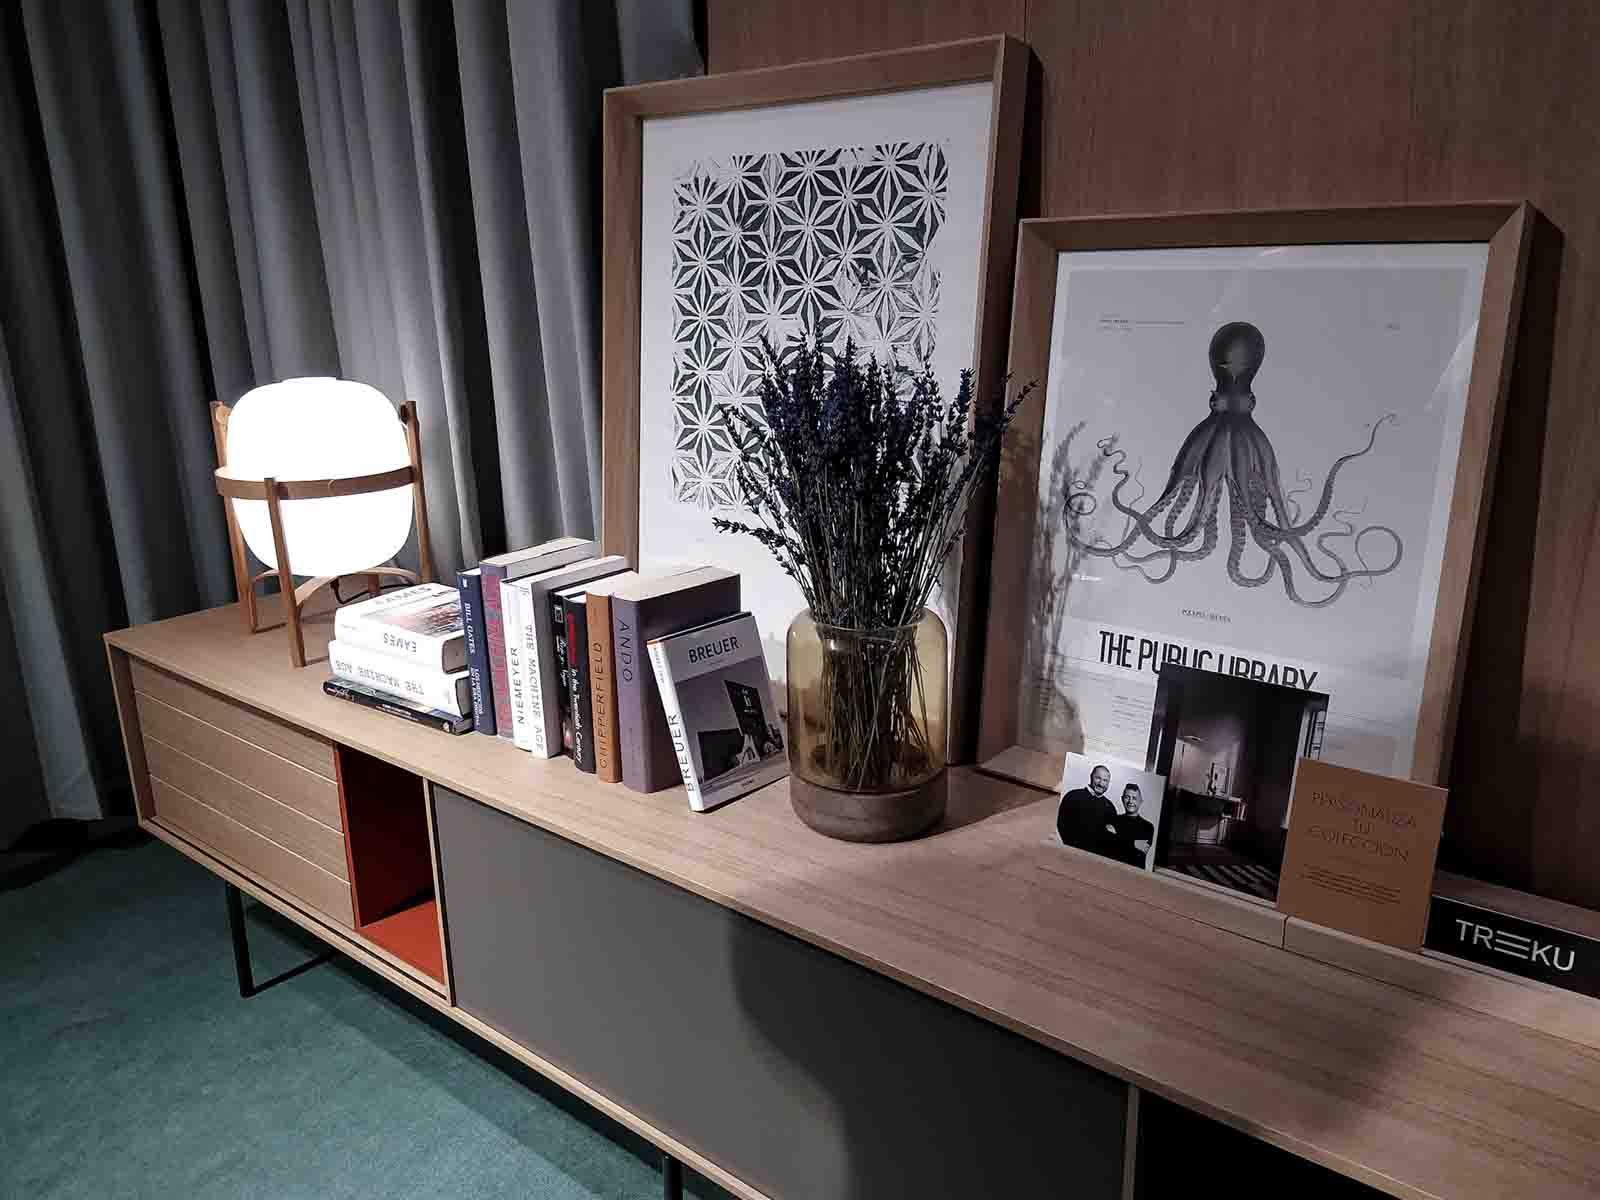 Visita de Mun interiorismo a Feria Habitat 2019 salon mueble